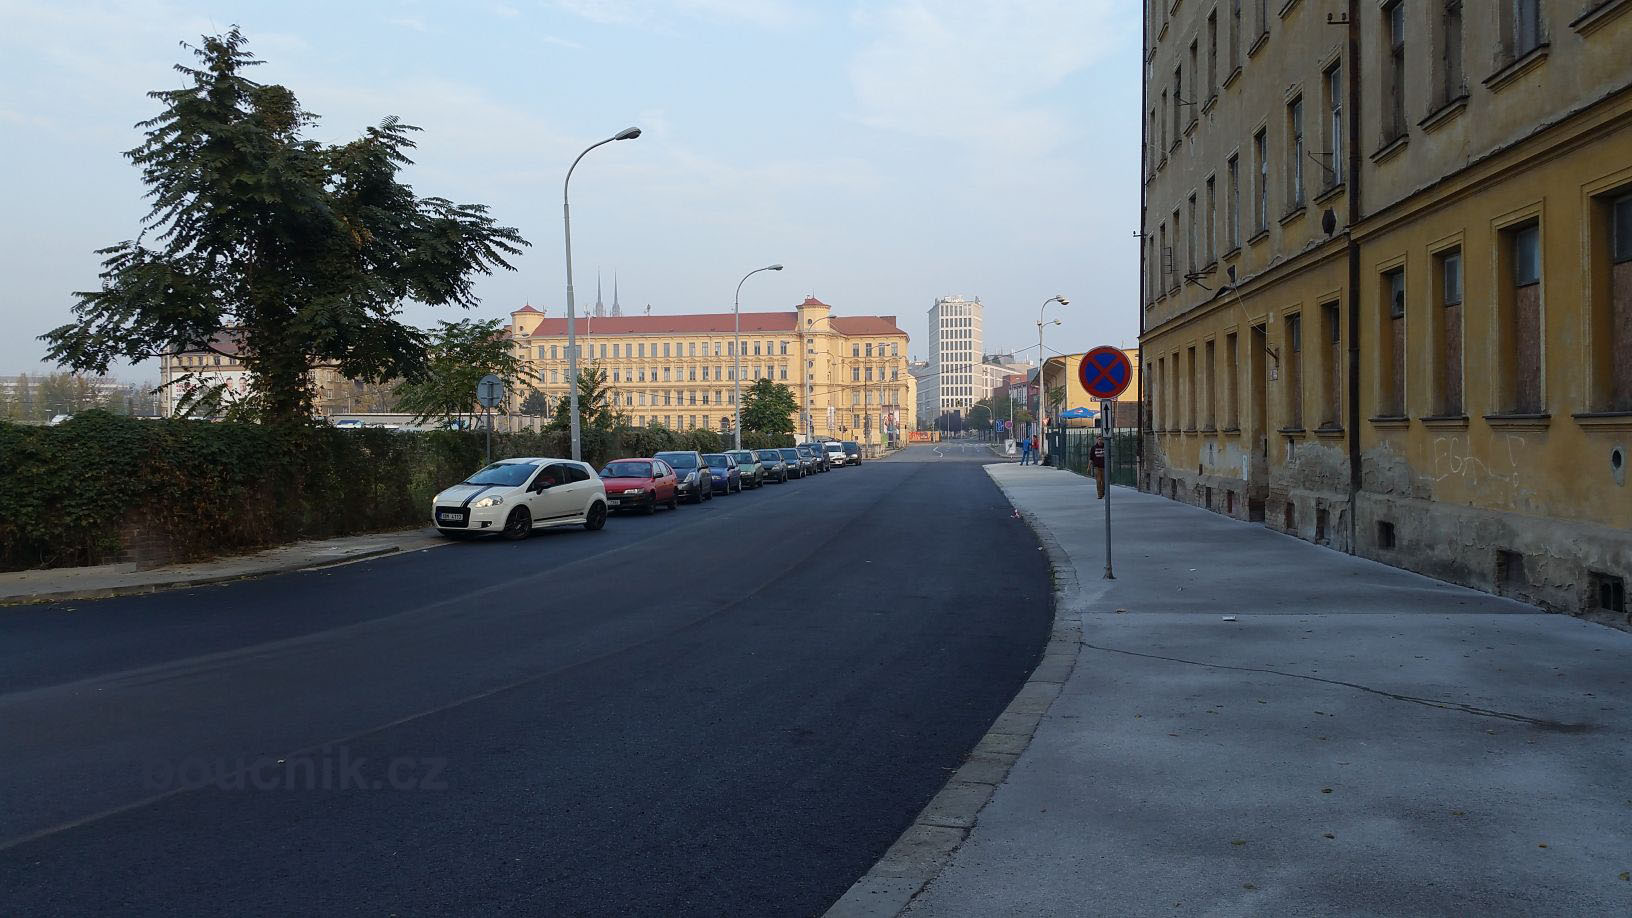 Pohled od Dolního nádraží k Vaňkovce. Ulice Rosická a pak ulice Trnitá.